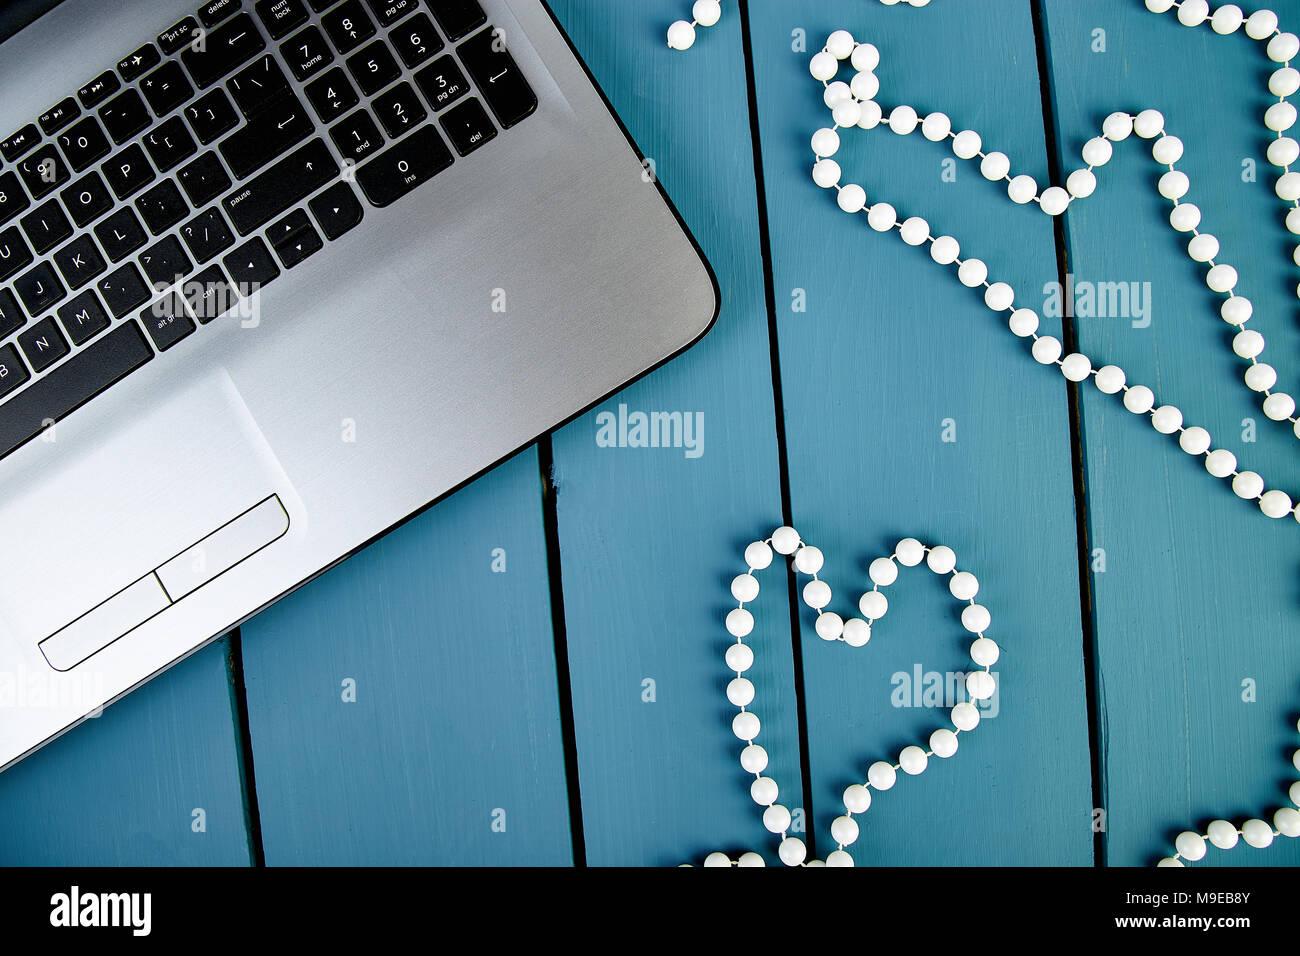 Moderne Frauen Arbeitsplatz mit Notebook oder Laptop. Immer noch leben, Business, Bürobedarf oder Bildung Konzept. Flach. Ansicht von oben. Symbol Herz, liebe. Stockfoto